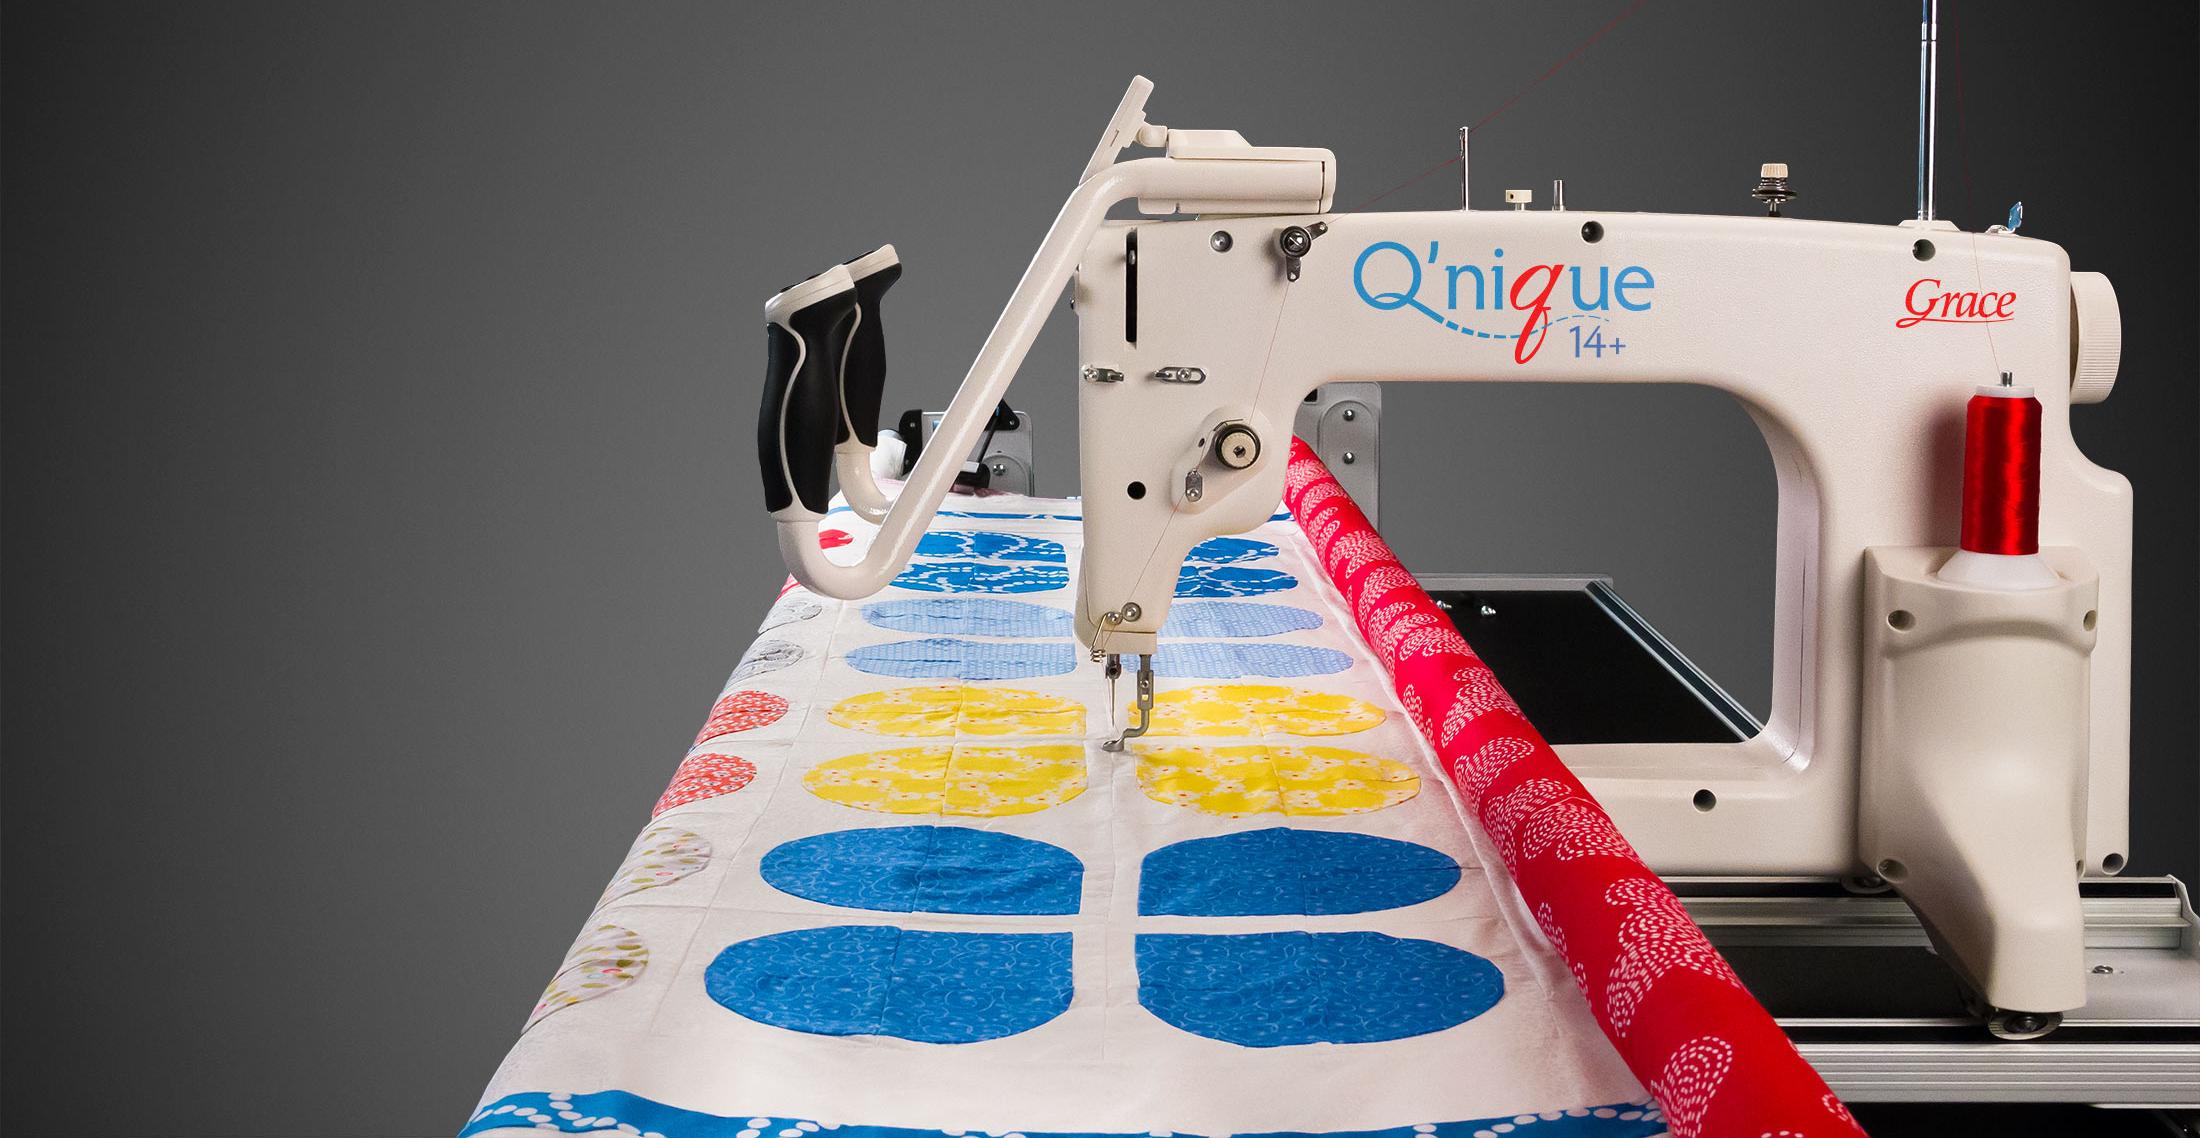 the new Qnique 14+ now in canada | Canada Qnique Quilter | Pinterest : quilting machines canada - Adamdwight.com